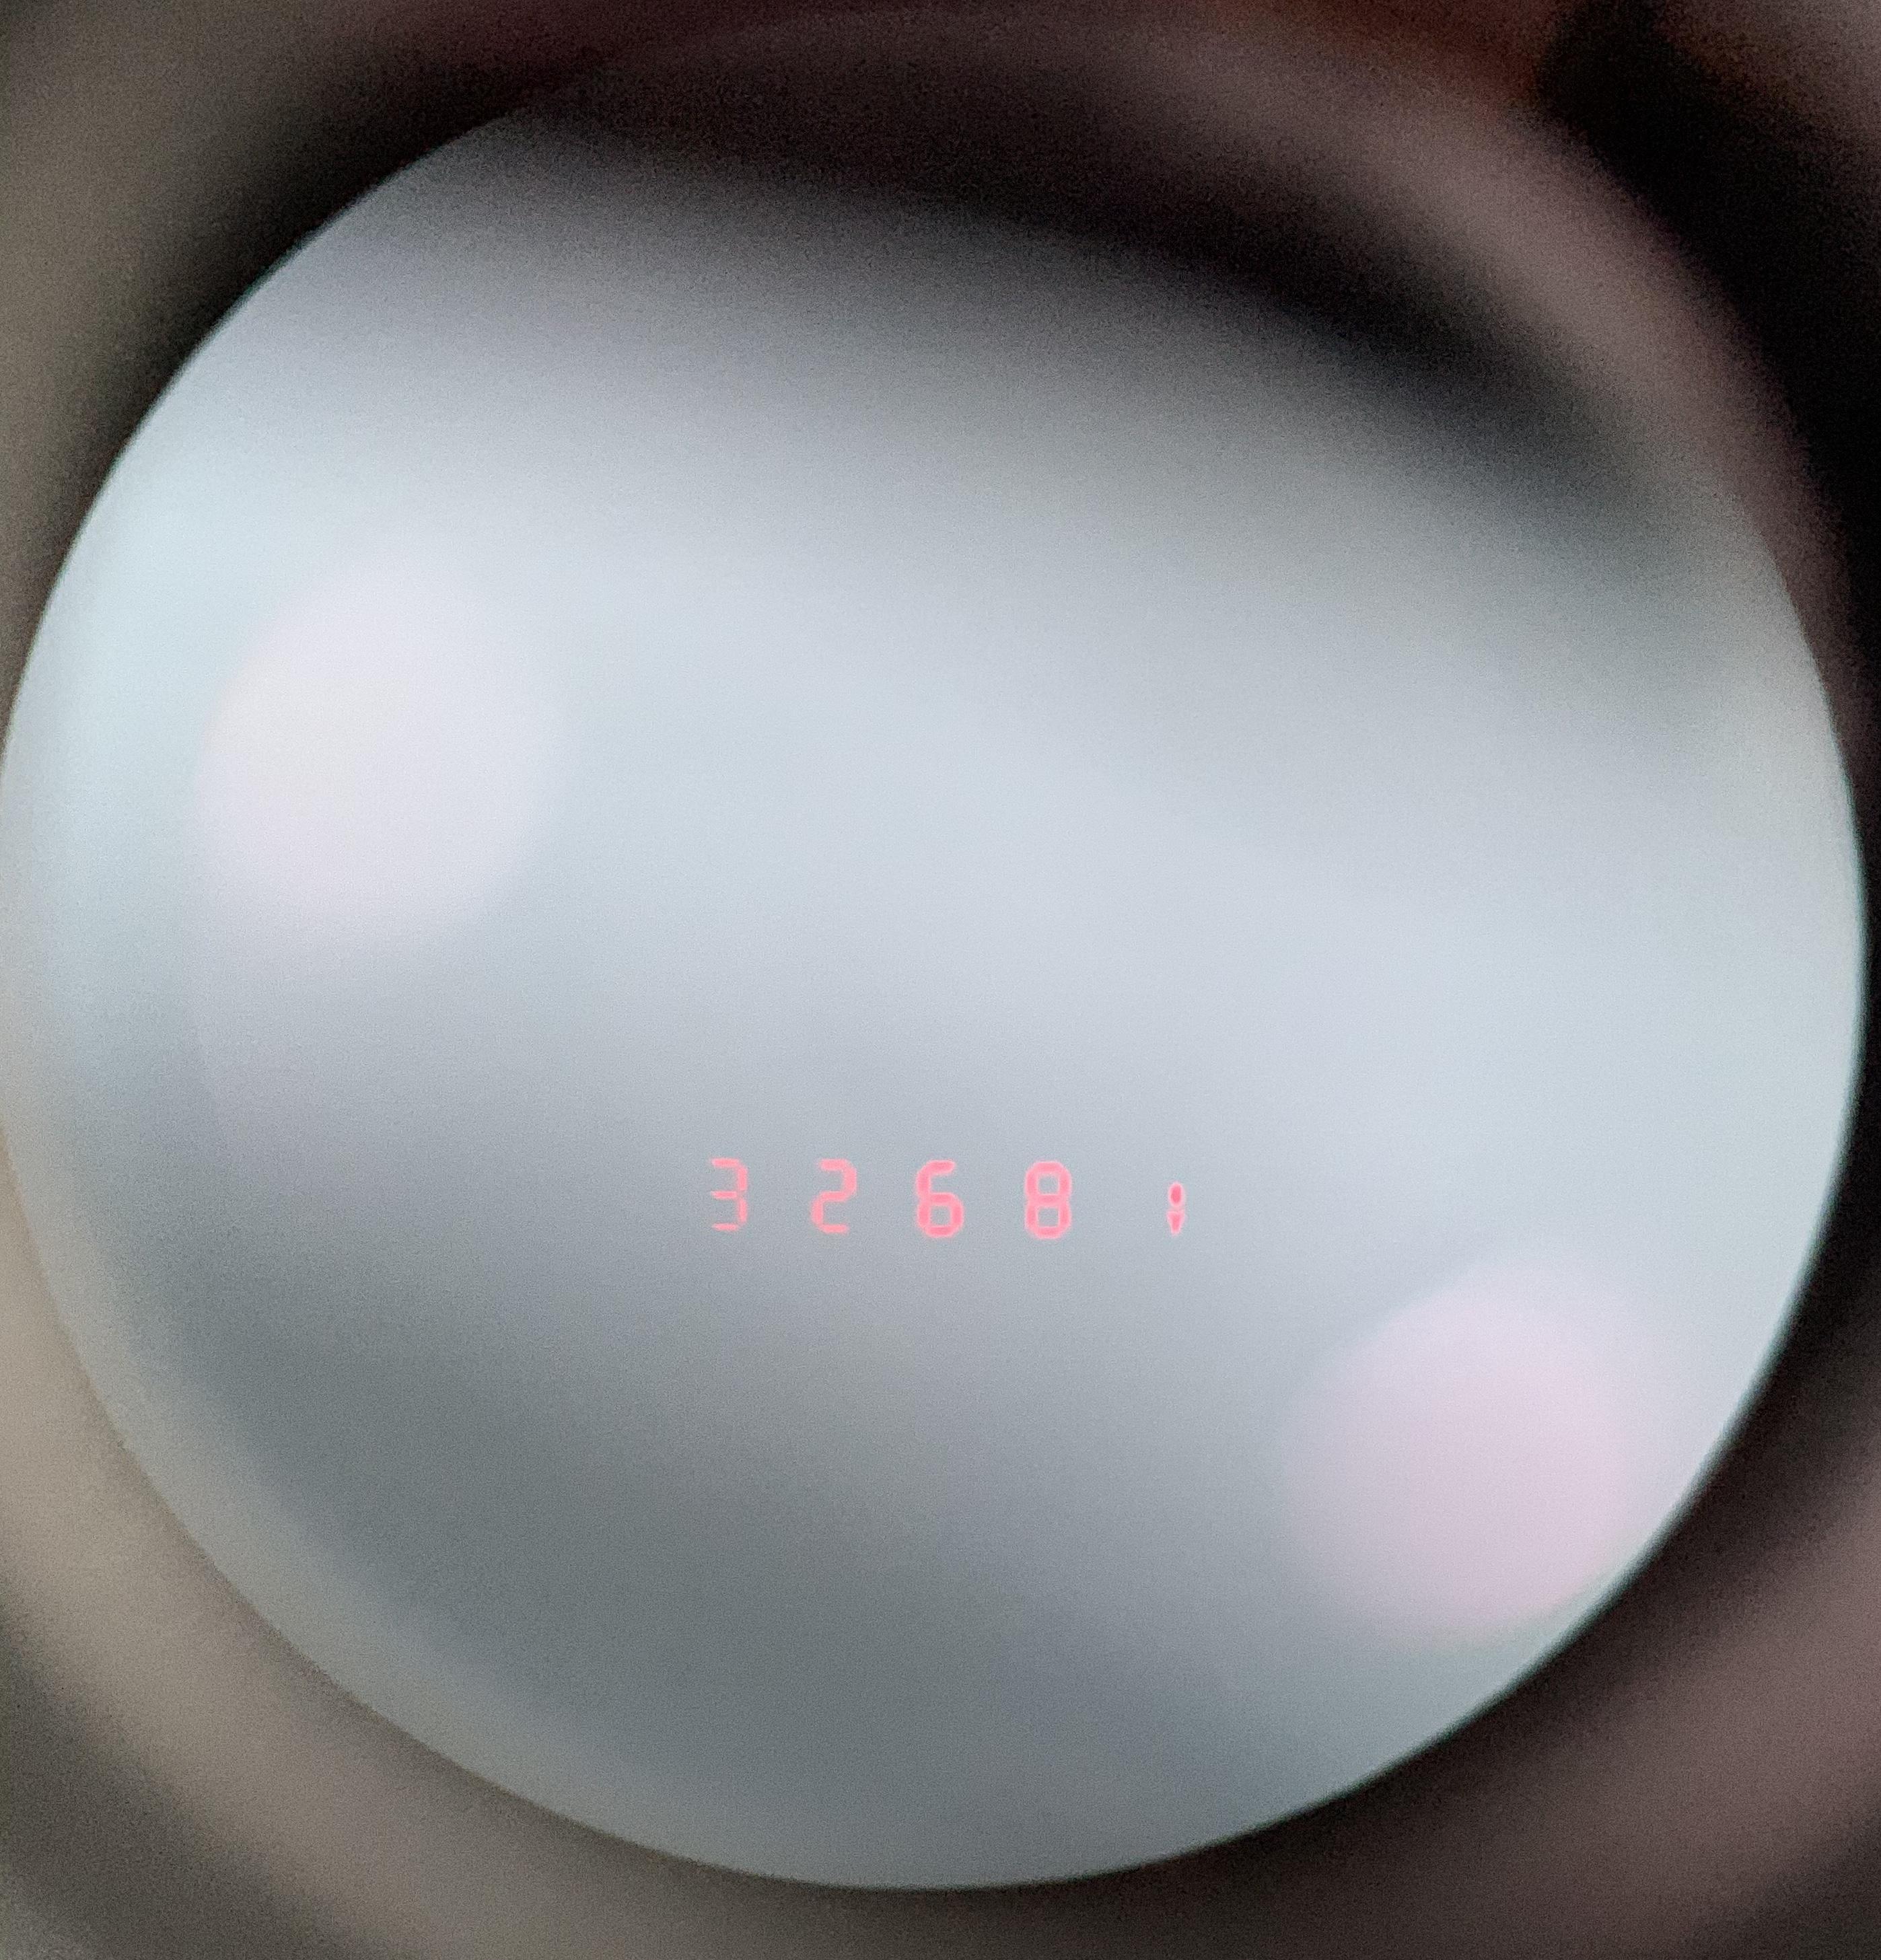 367C3E9C-9E1C-4E1C-80C4-8ABFAB953087.jpeg